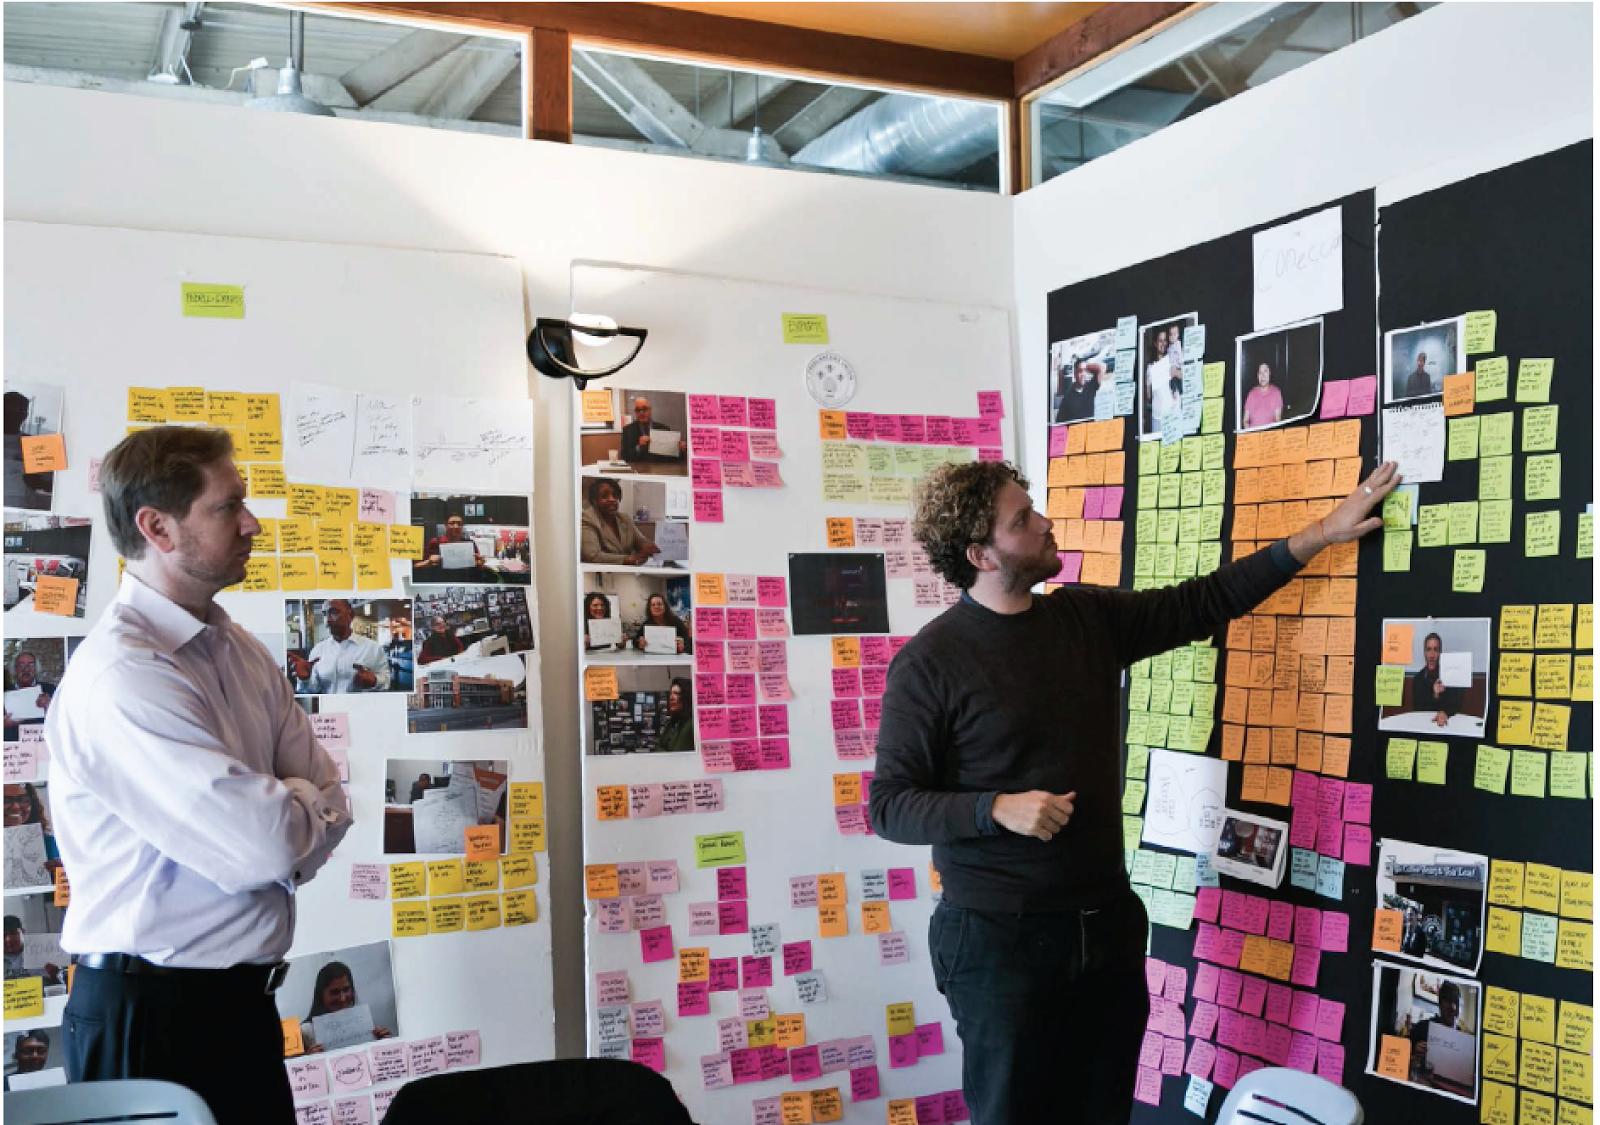 La fortaleza del design thinking 3c cultura for What is ideo